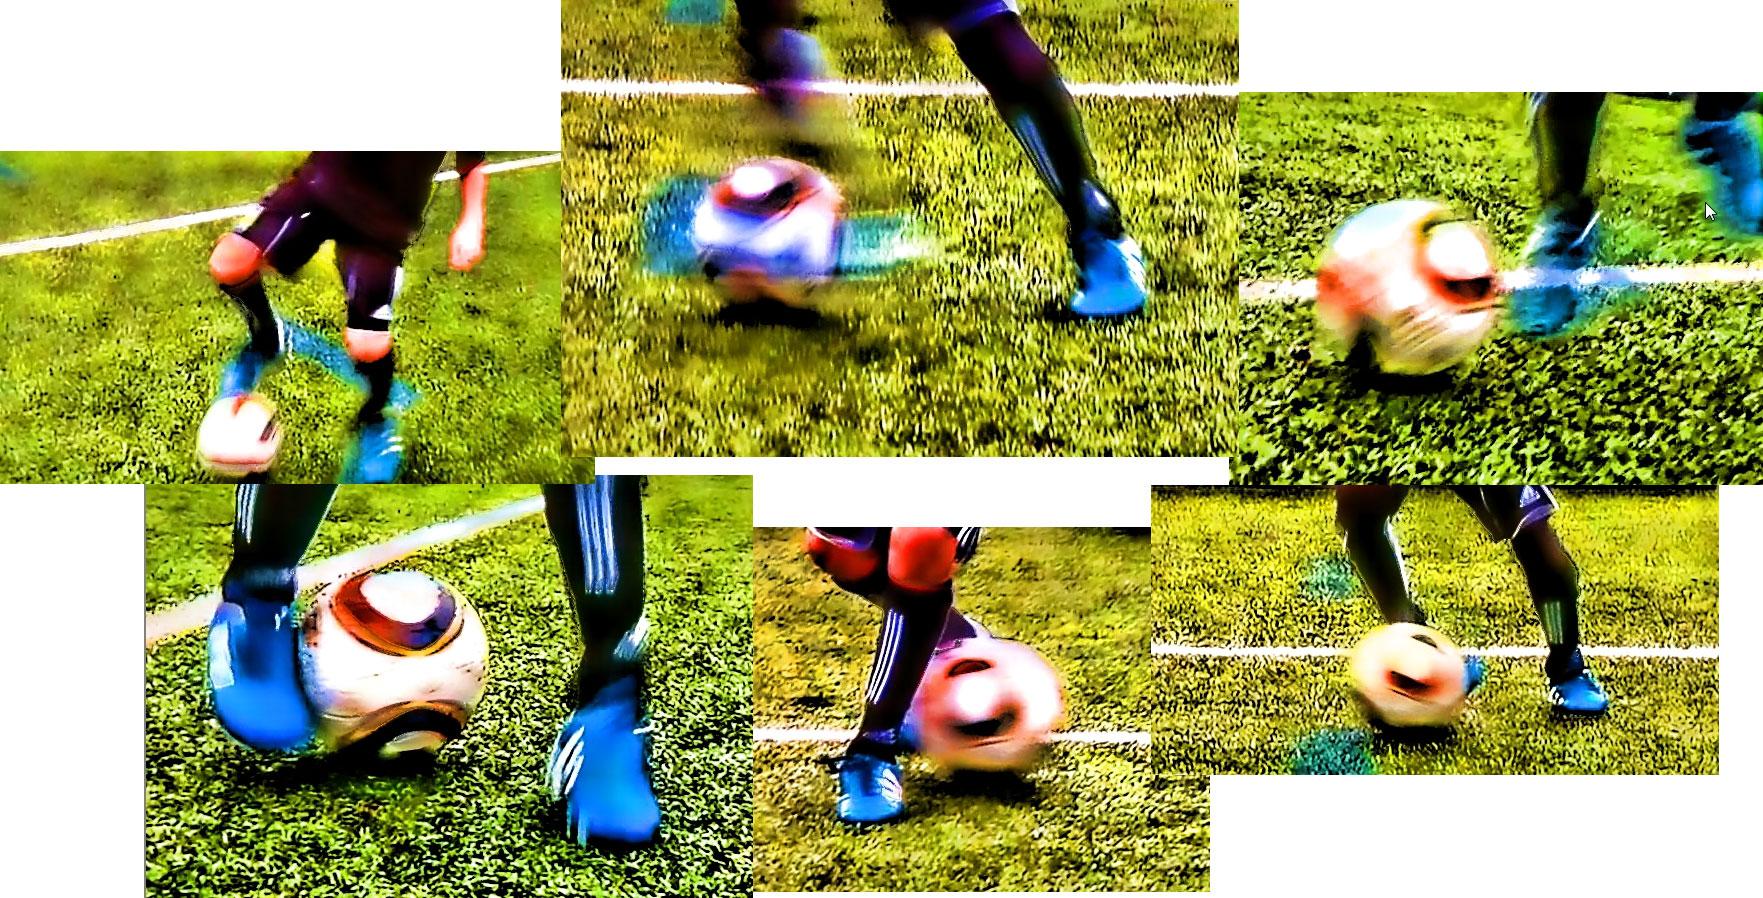 『サッカーの練習は順番に並んでやるもの?』 ~ 実はあなたのサッカー常識は間違っていた!?